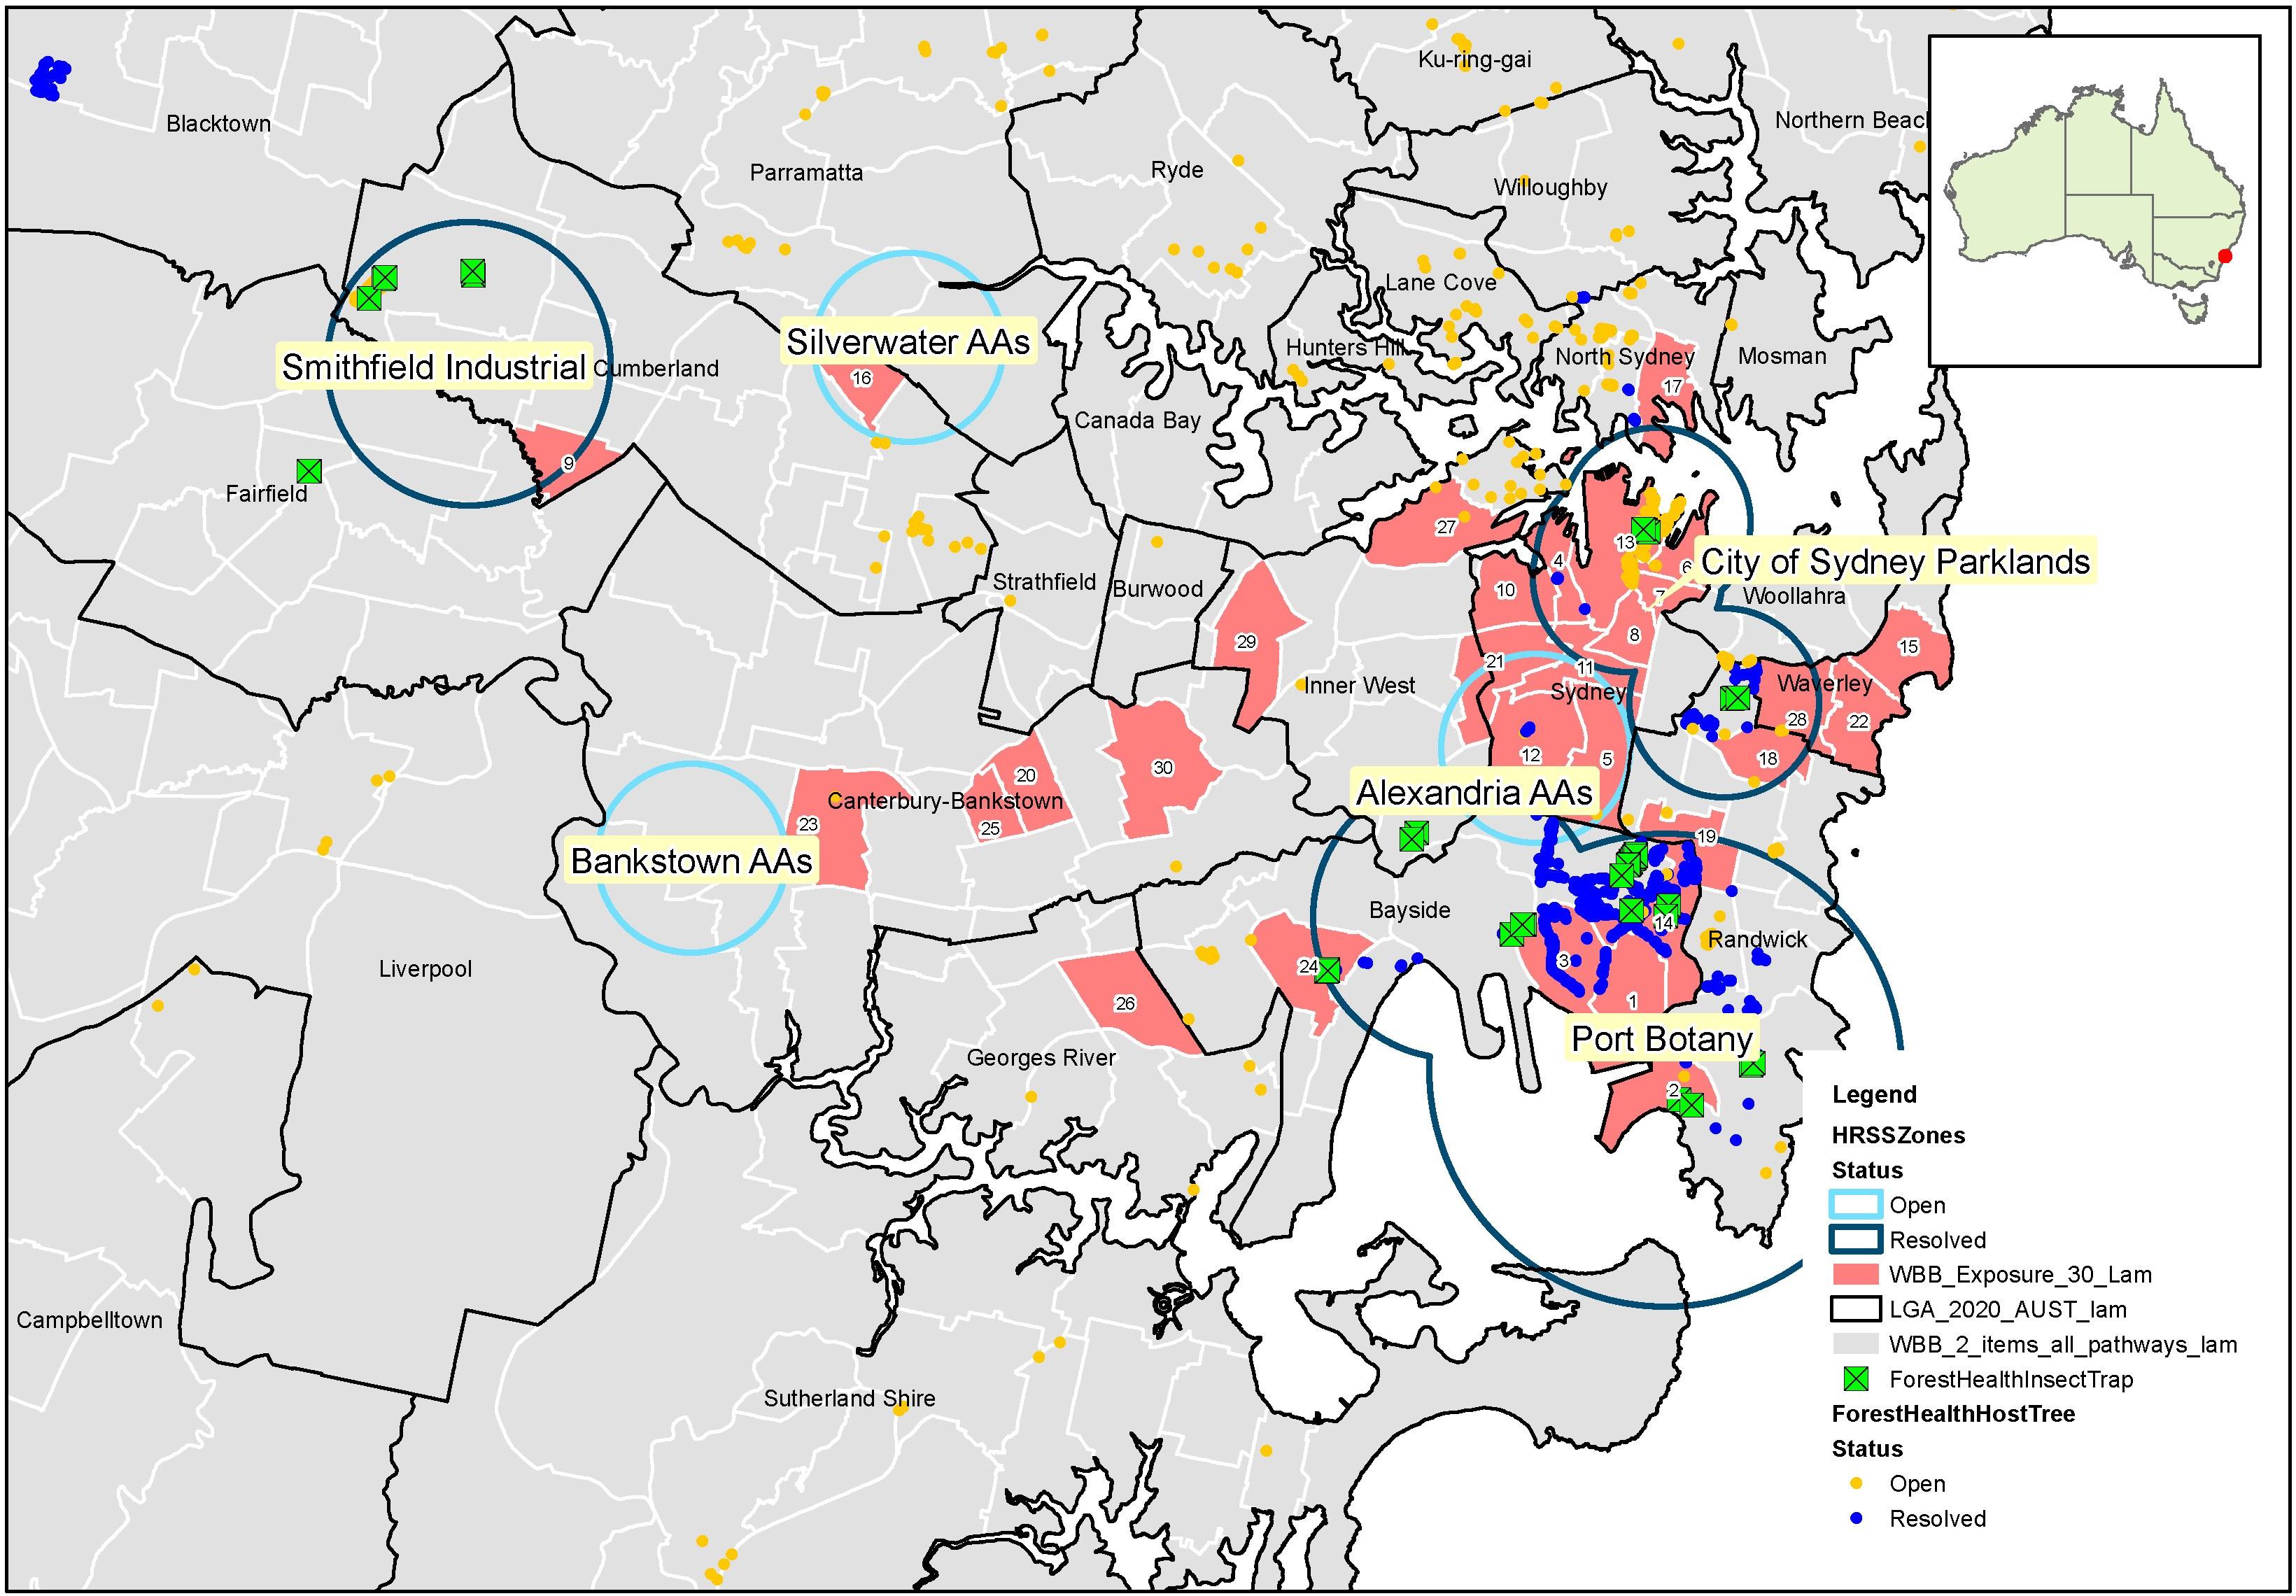 High risk site surveillance zones in Sydney